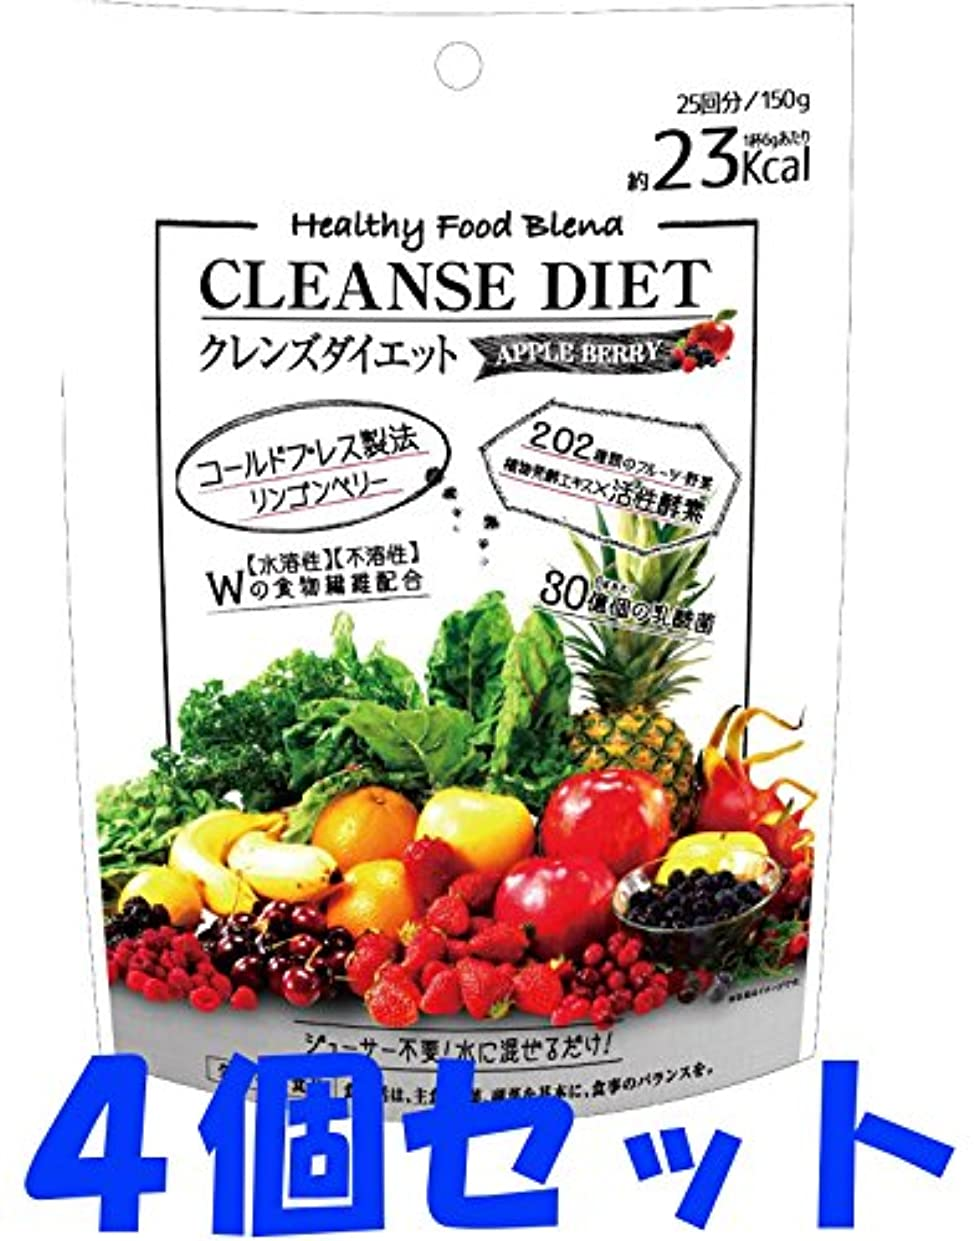 飲食店機知に富んだ乱暴な【4個セット】クレンズ ダイエット アップルベリー 150g